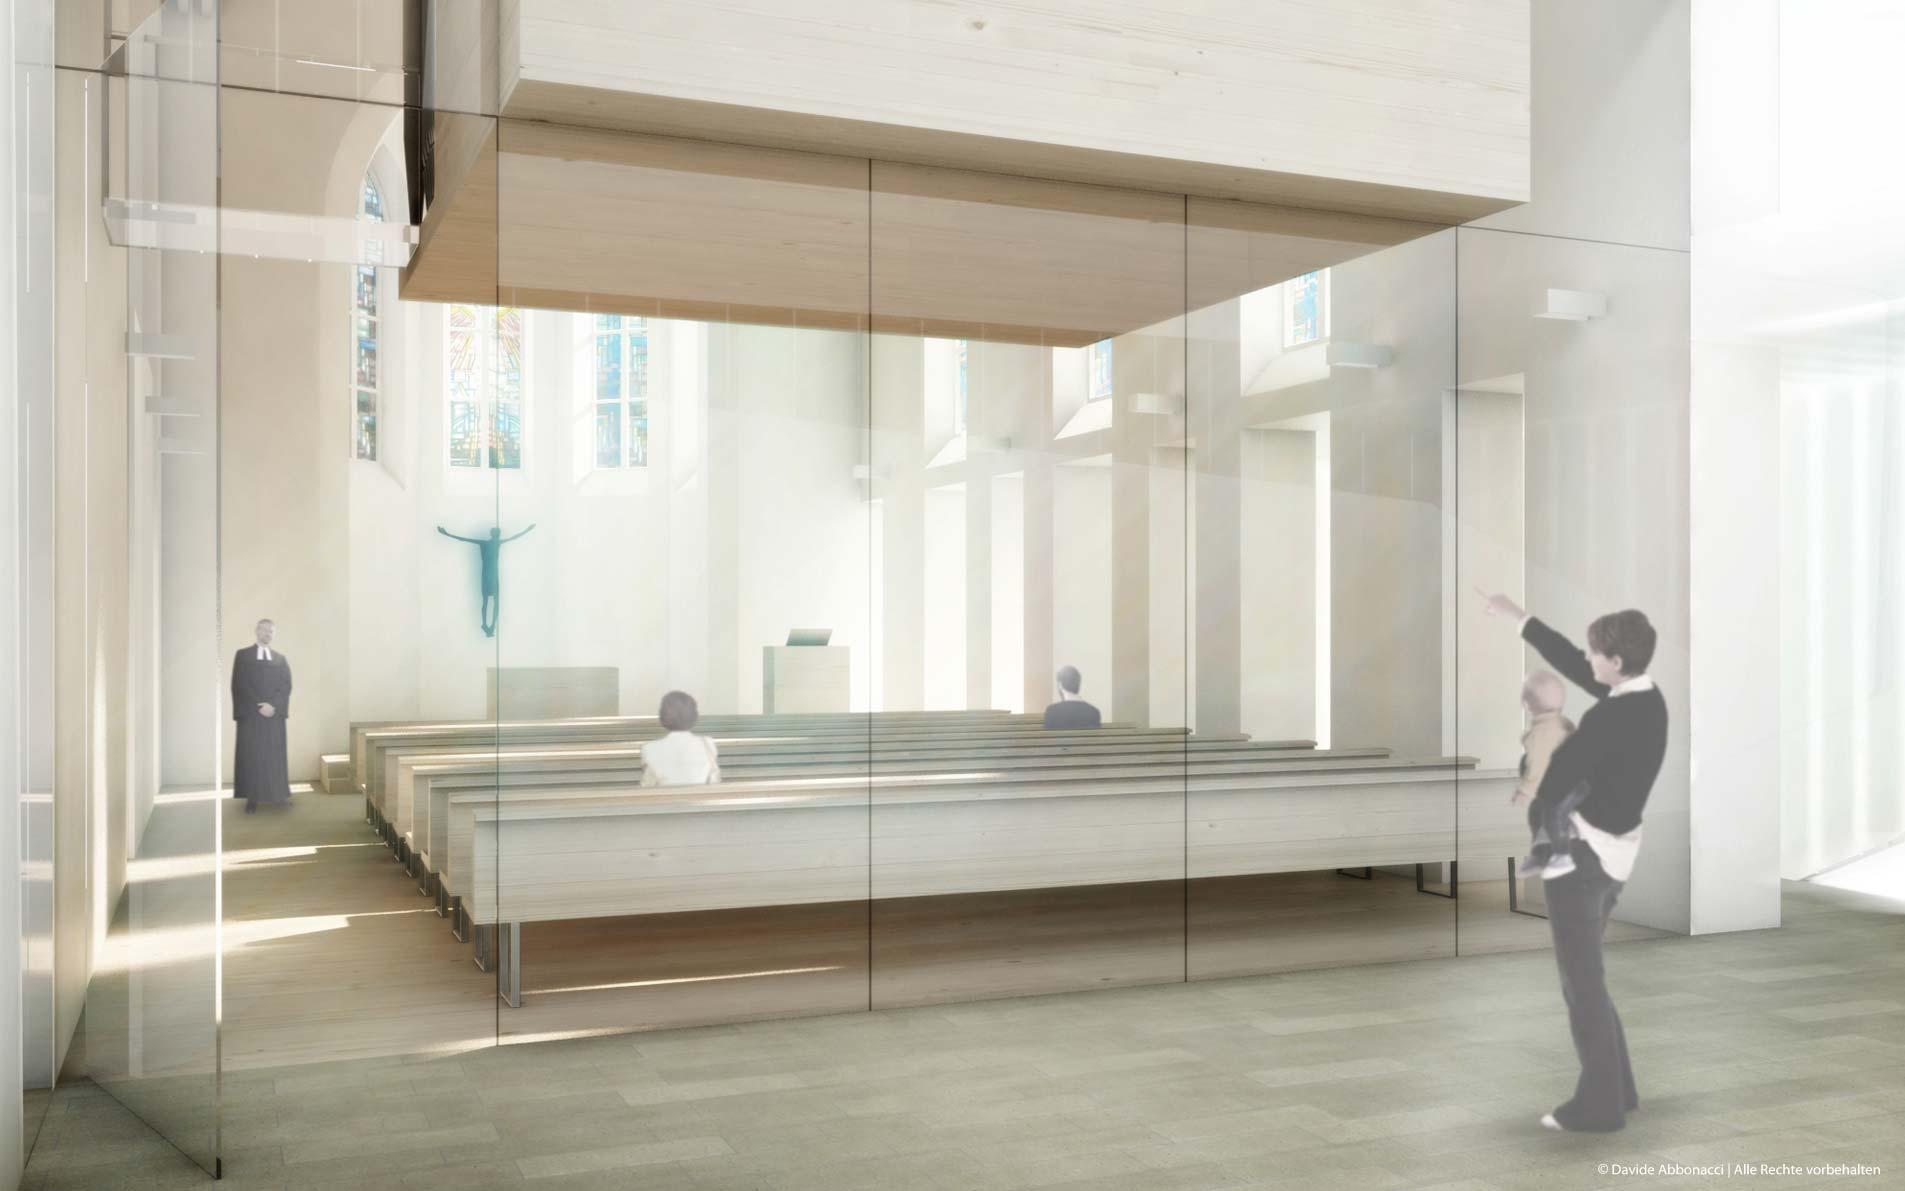 Umgestaltung der Auferstehungskirche, Überlingen   Hübner + Erhard und Partner Architekten   2012 Wettbewerbsvisualisierung